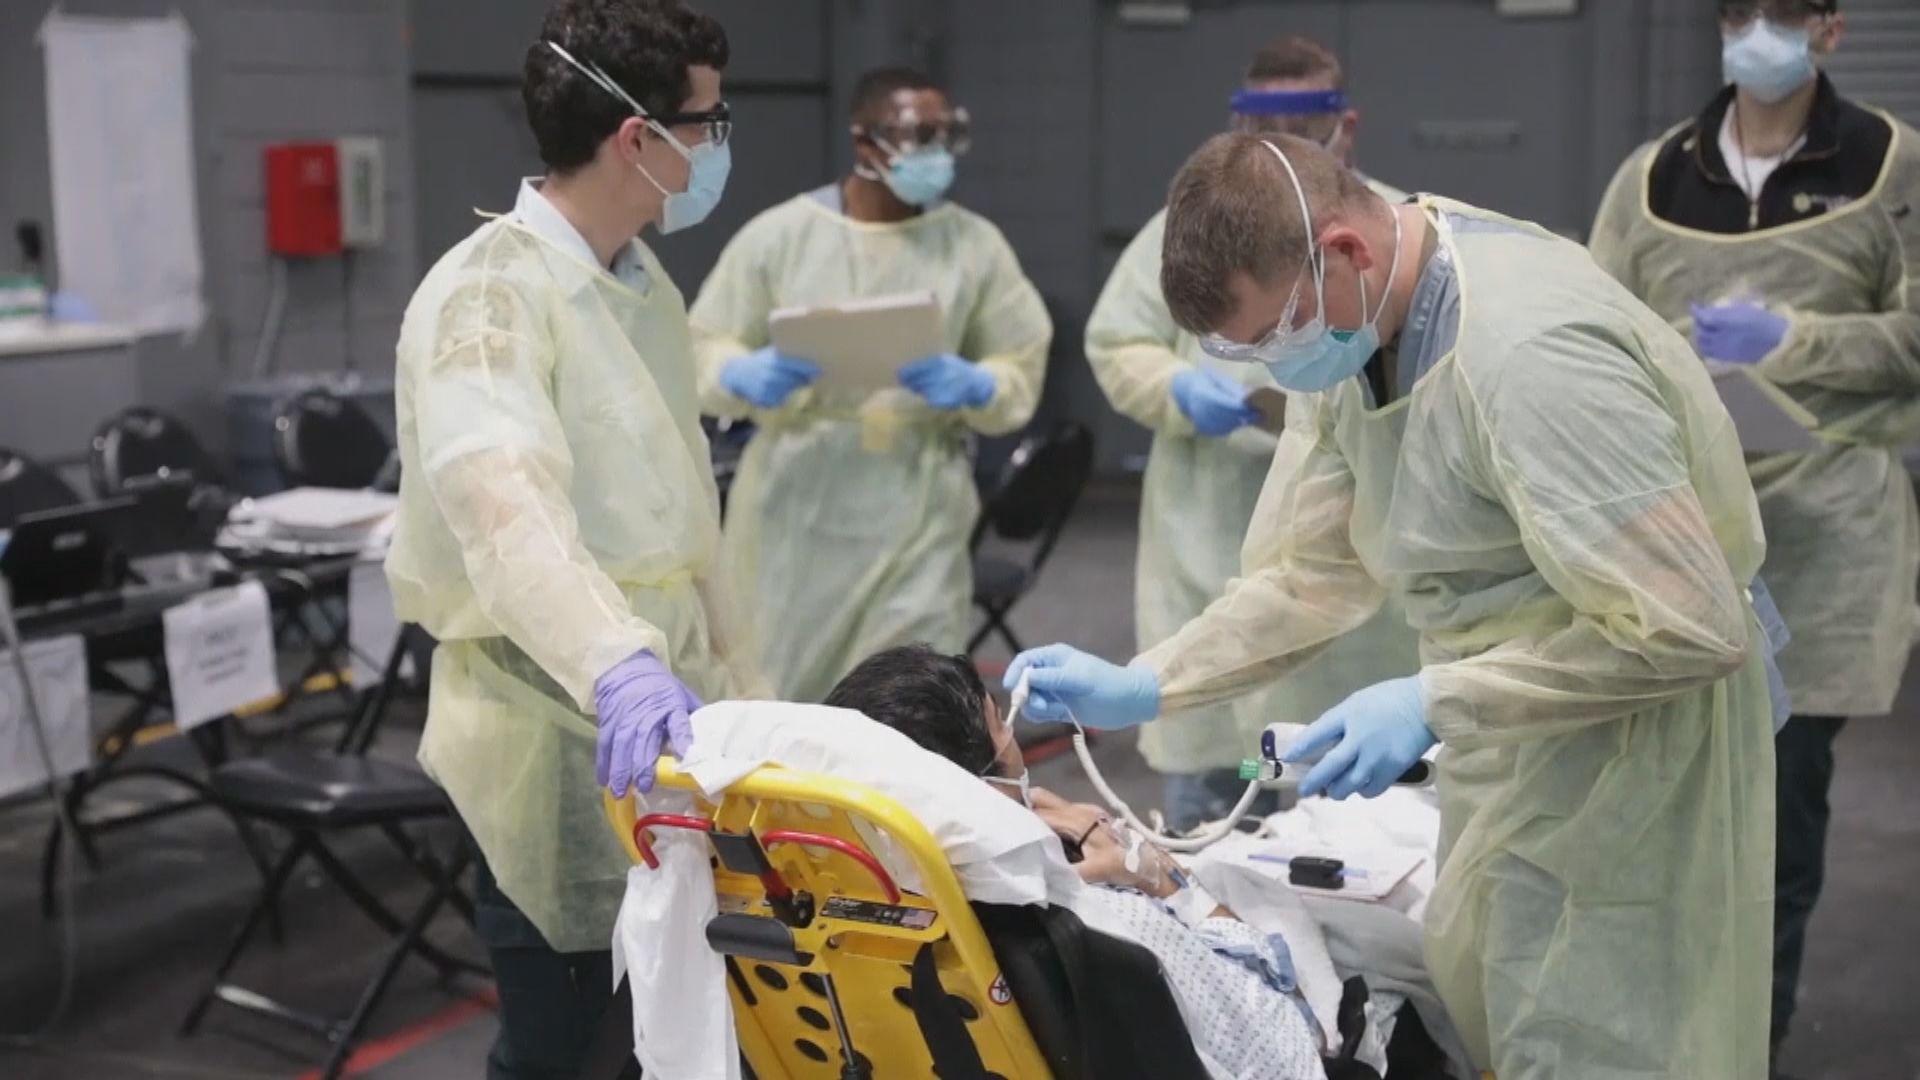 美國疫情繼續惡化 加州缺重症護士請求澳洲台灣協助